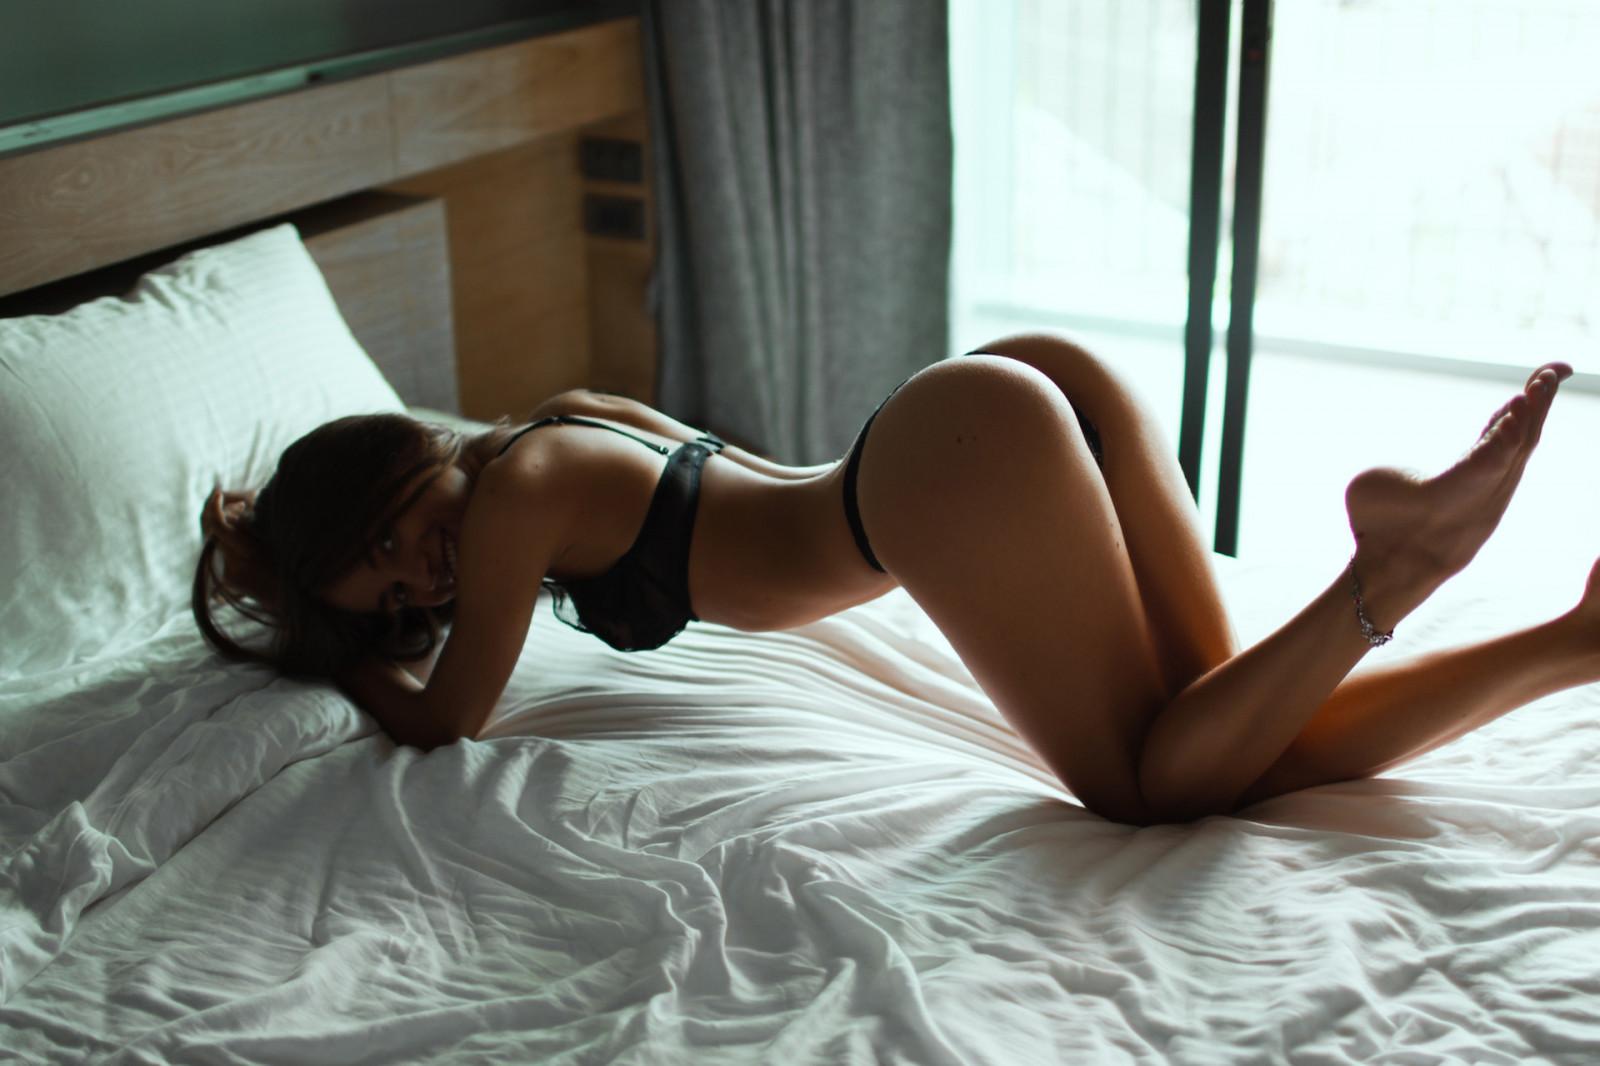 жене фото загорелых в постели нас был большой